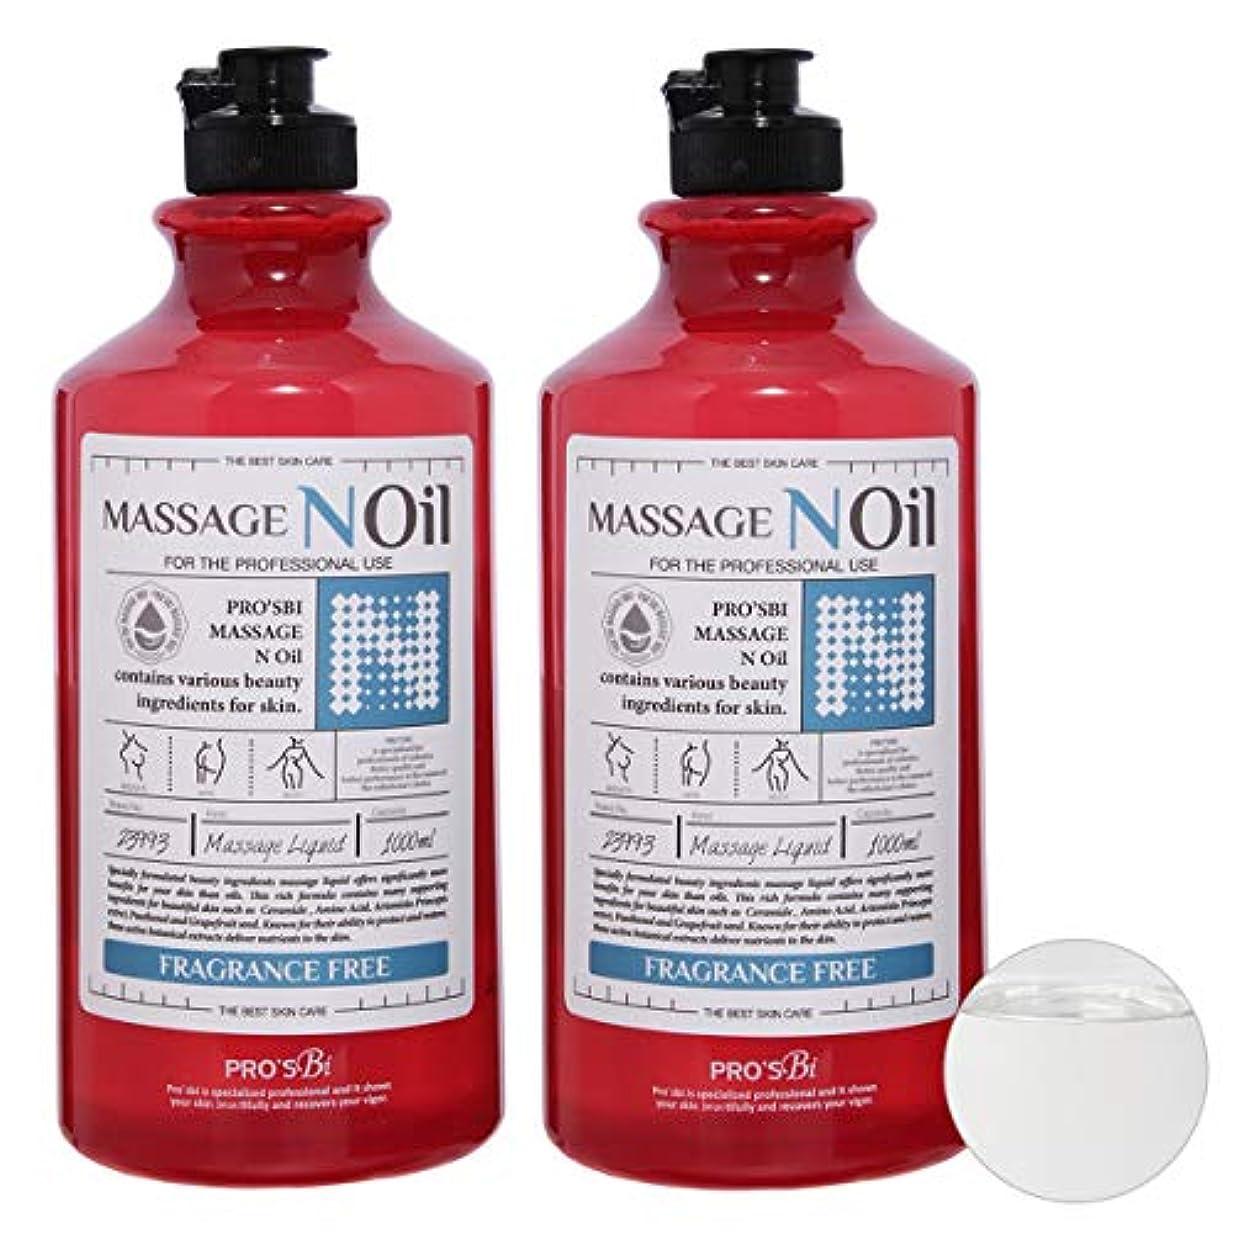 < プロズビ> マッサージノイル 無香 1L (2個セット) [ オイルフリー マッサージオイル マッサージジェル ボディマッサージオイル ボディオイル アロママッサージオイル マッサージリキッド グリセリン 水溶性 敏感肌...